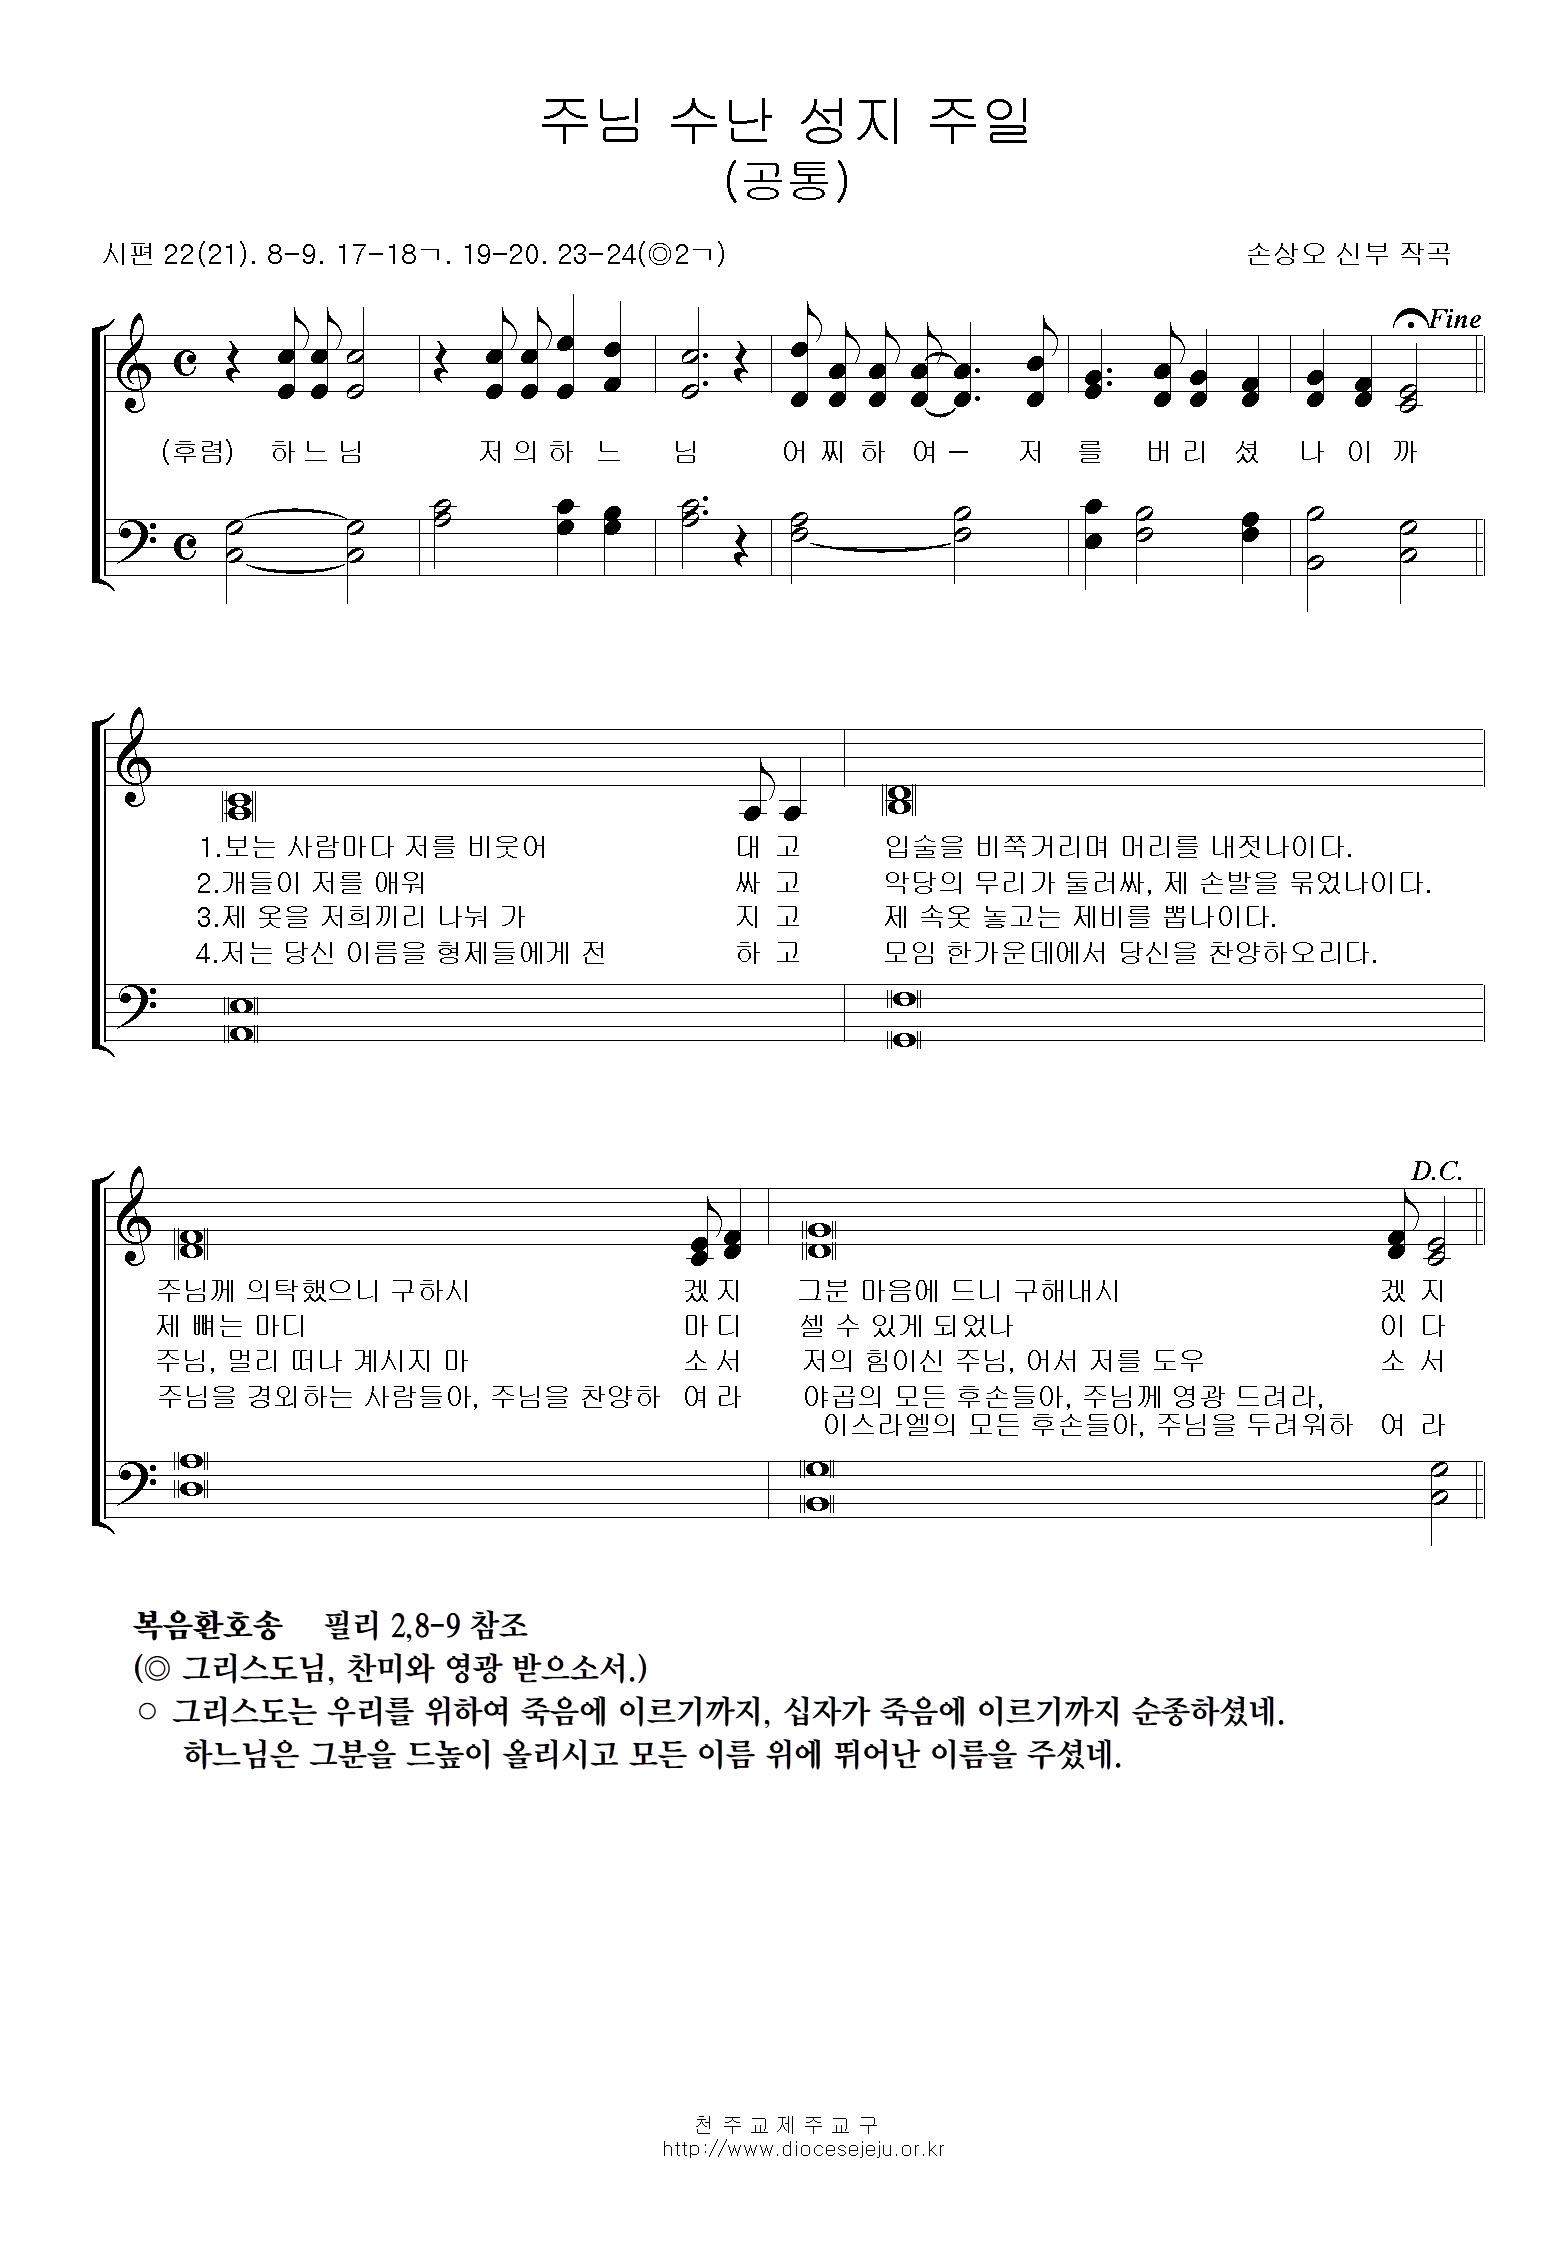 20180325-주님수난 성지주일(공통).jpg